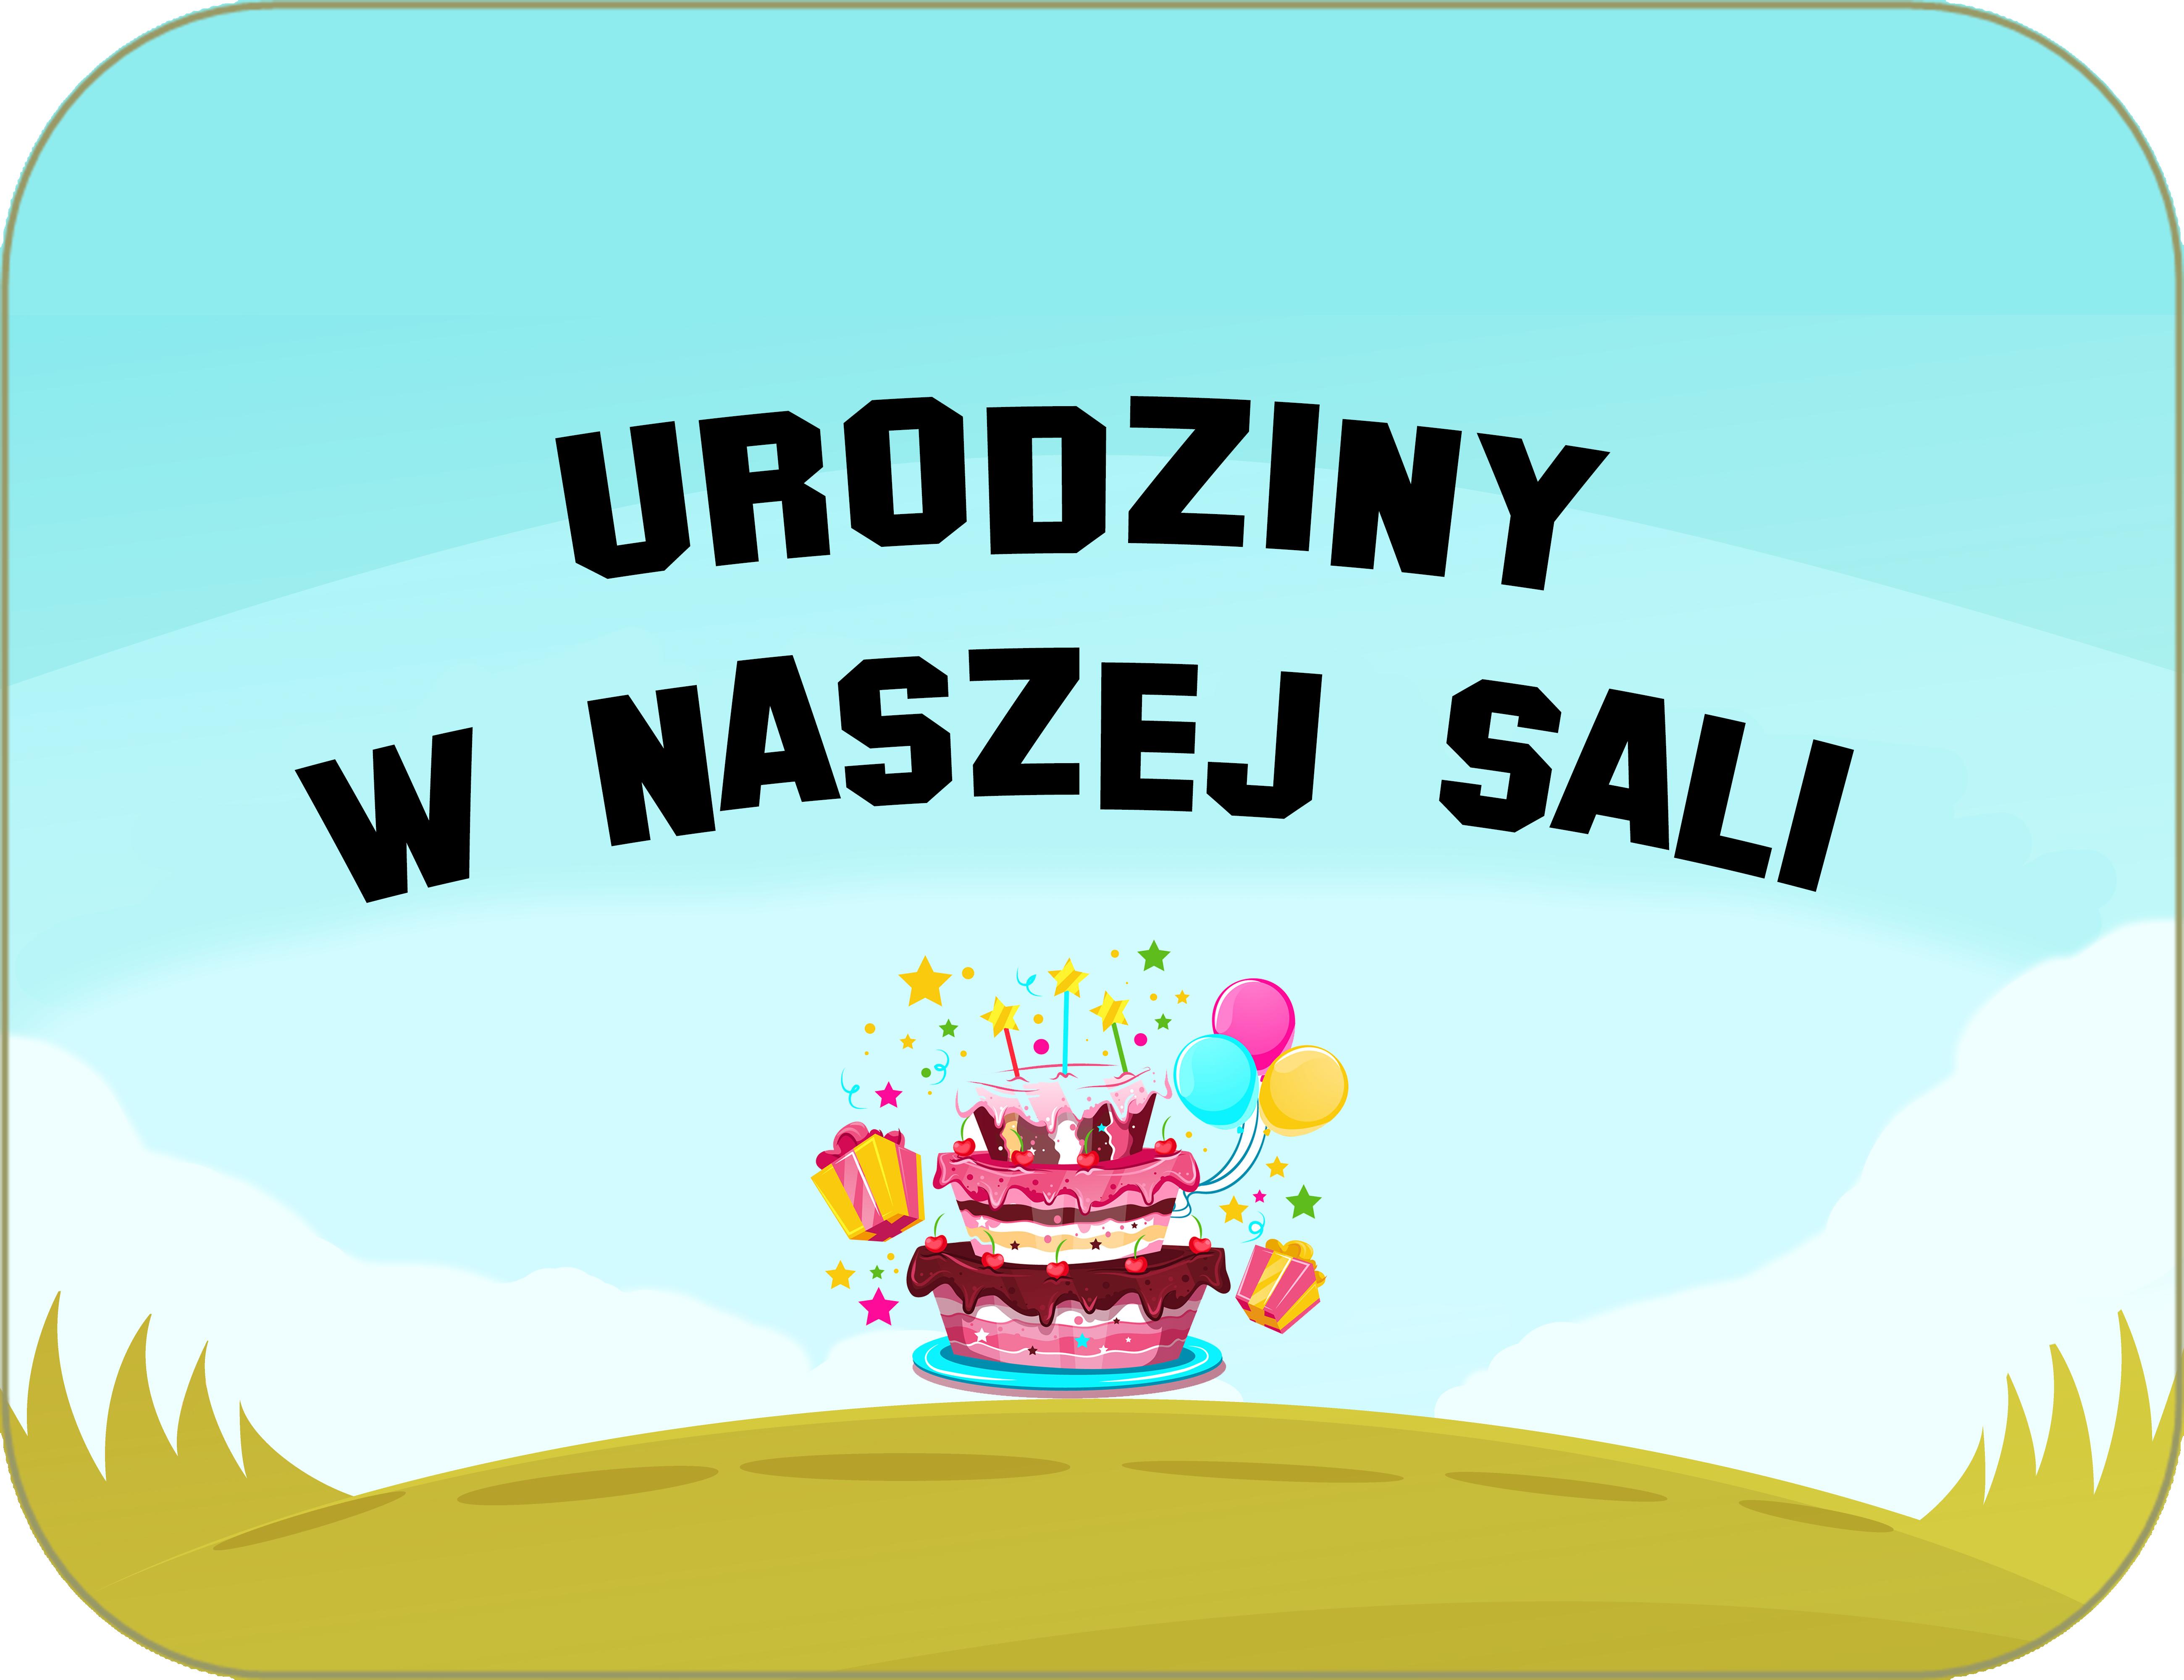 urodziny w sali